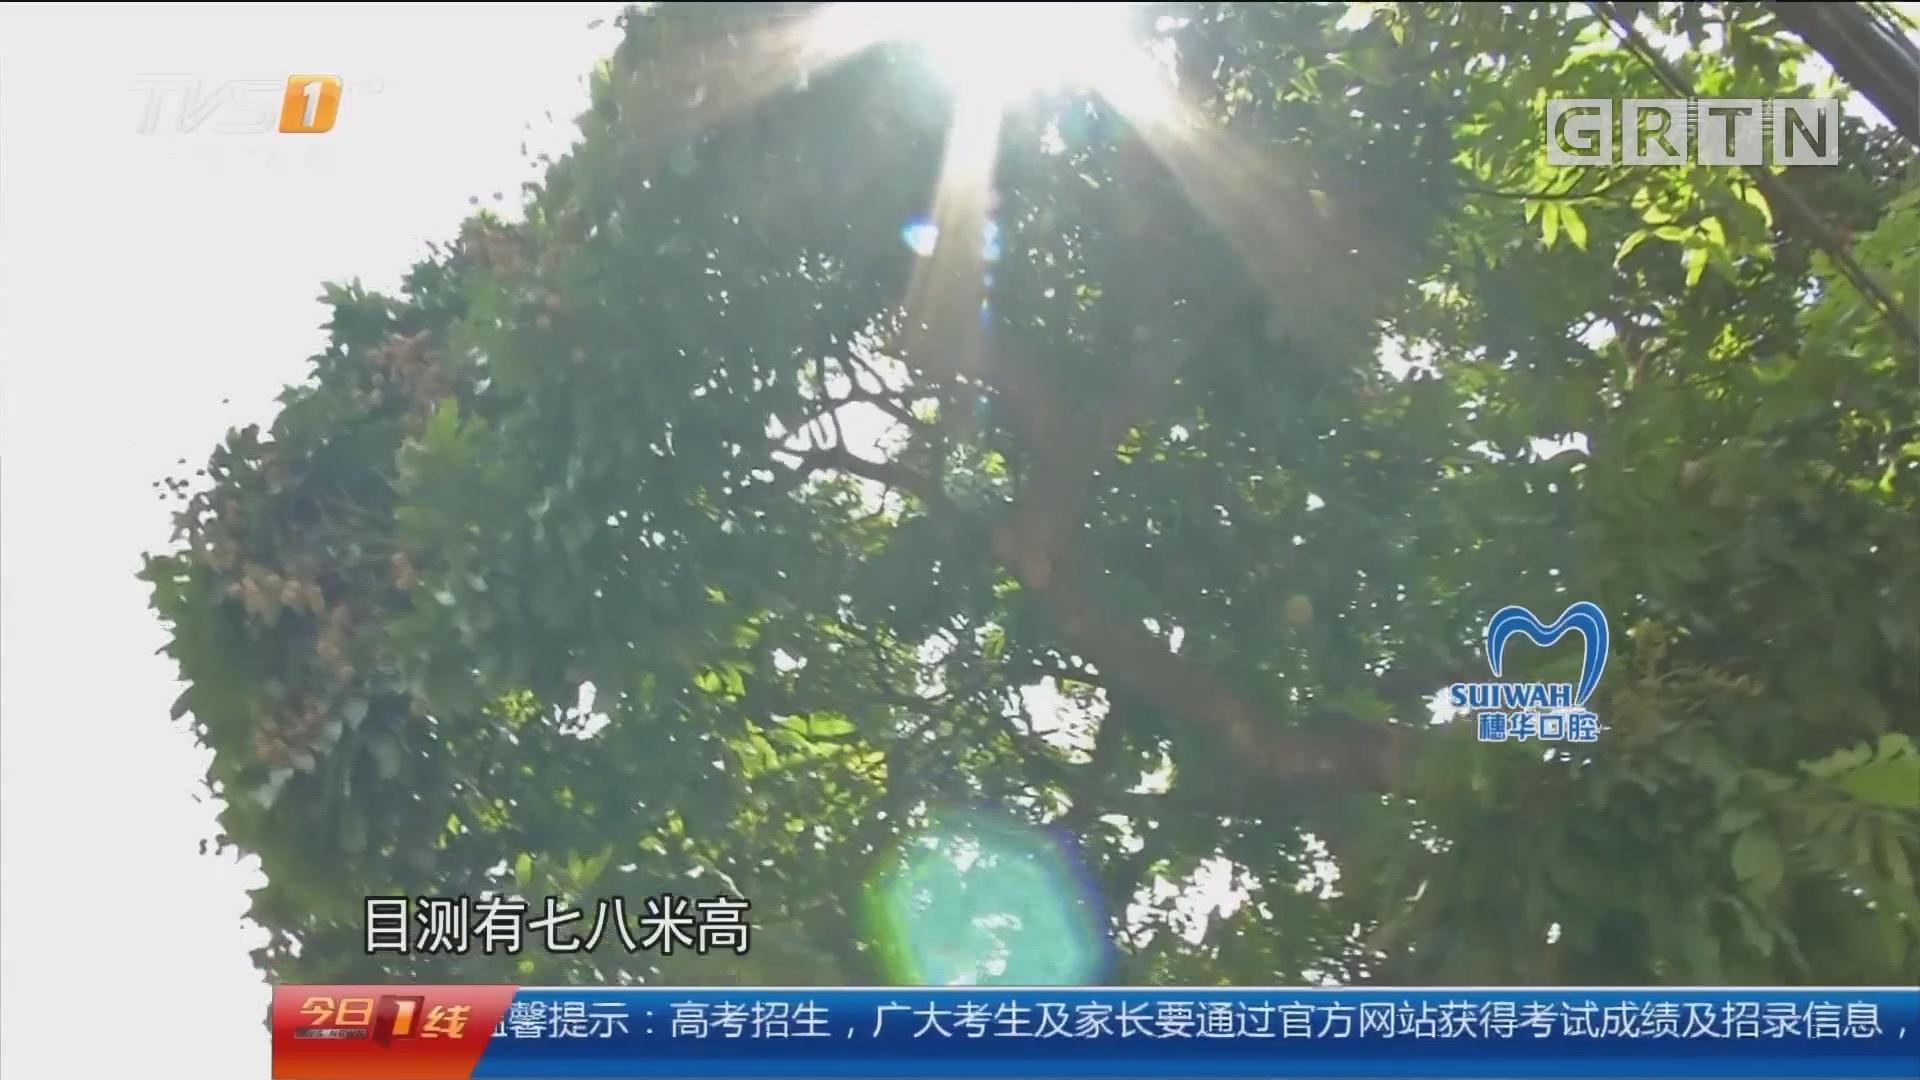 佛山禅城:男子爬树摘龙眼 高处坠落不幸身亡